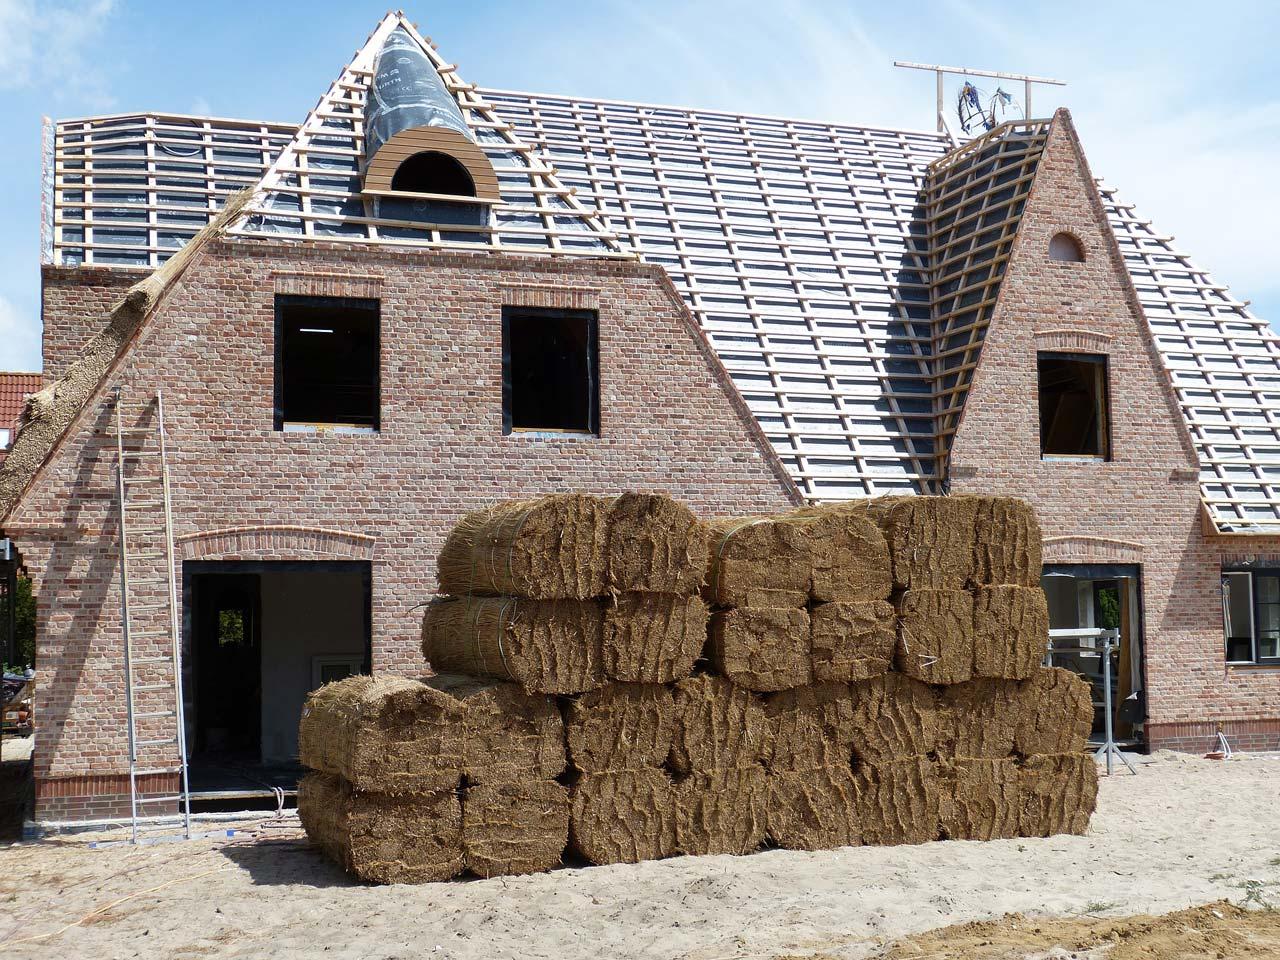 Bauernhof kaufen: Ablauf, Makler, Kosten, Preise & Steuer